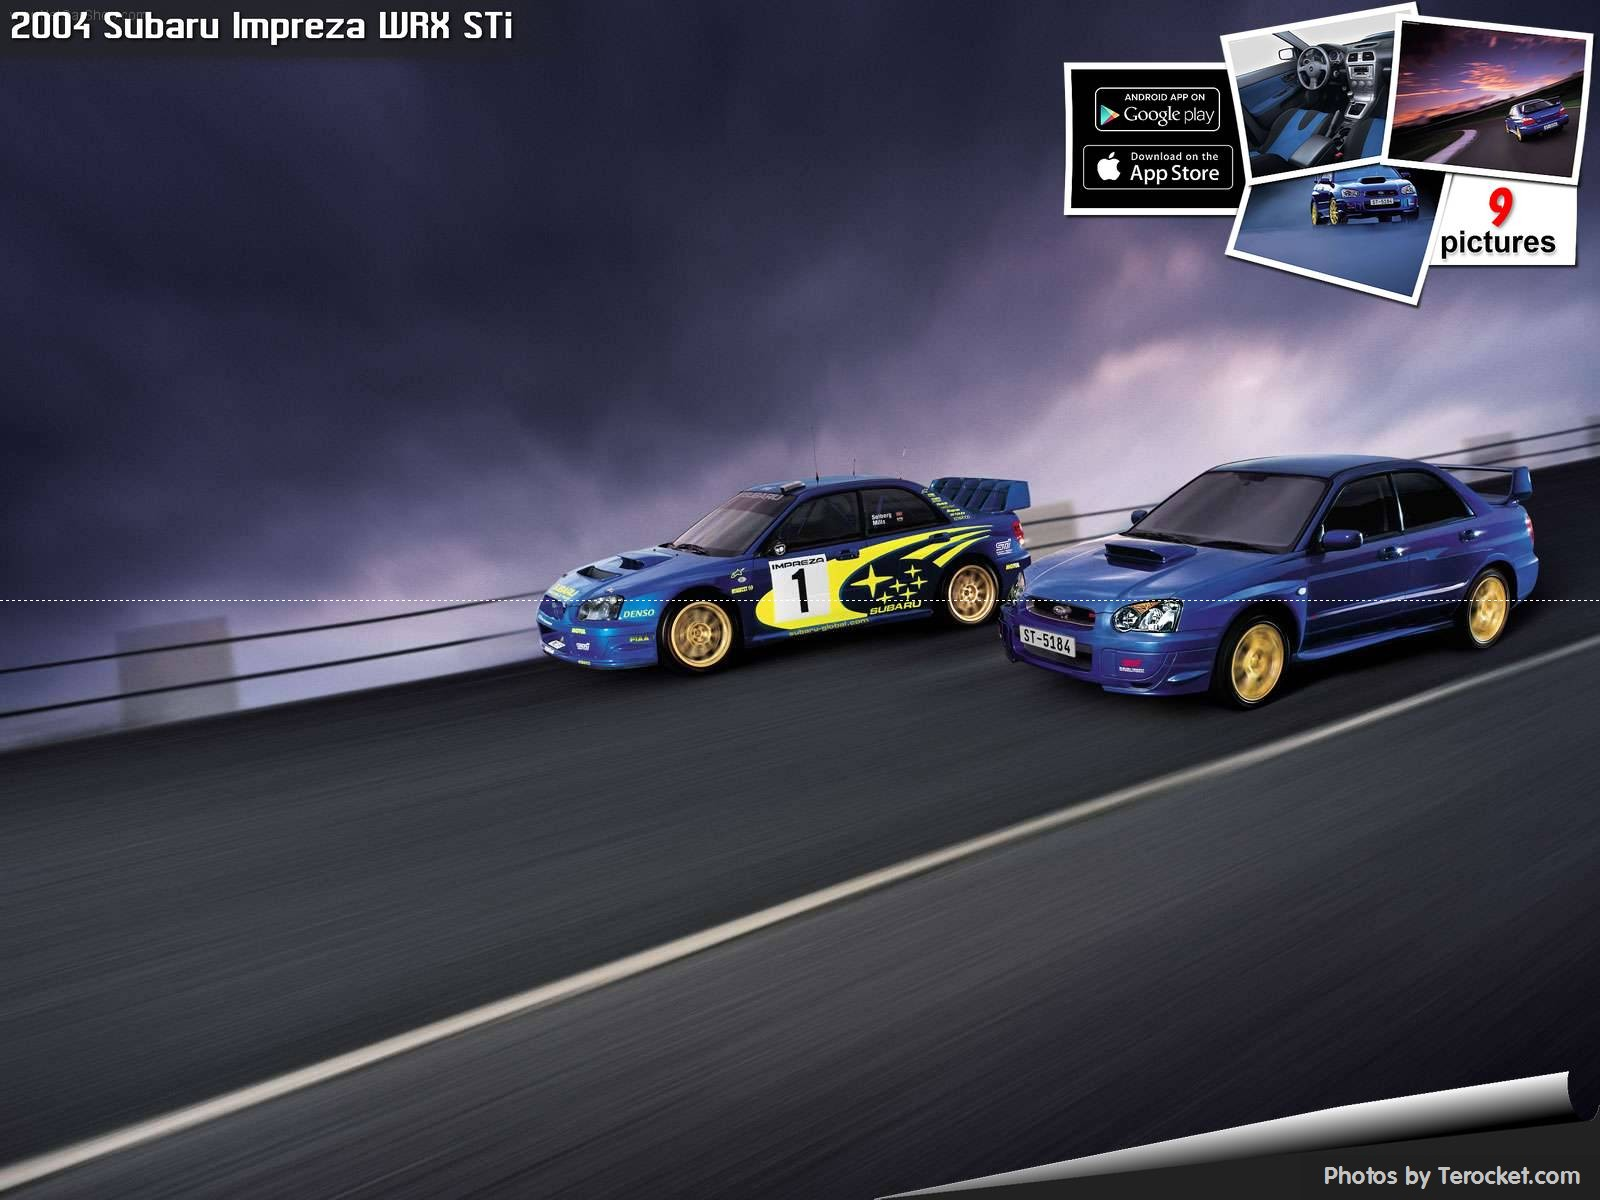 Hình ảnh xe ô tô Subaru Impreza WRX STi 2004 & nội ngoại thất